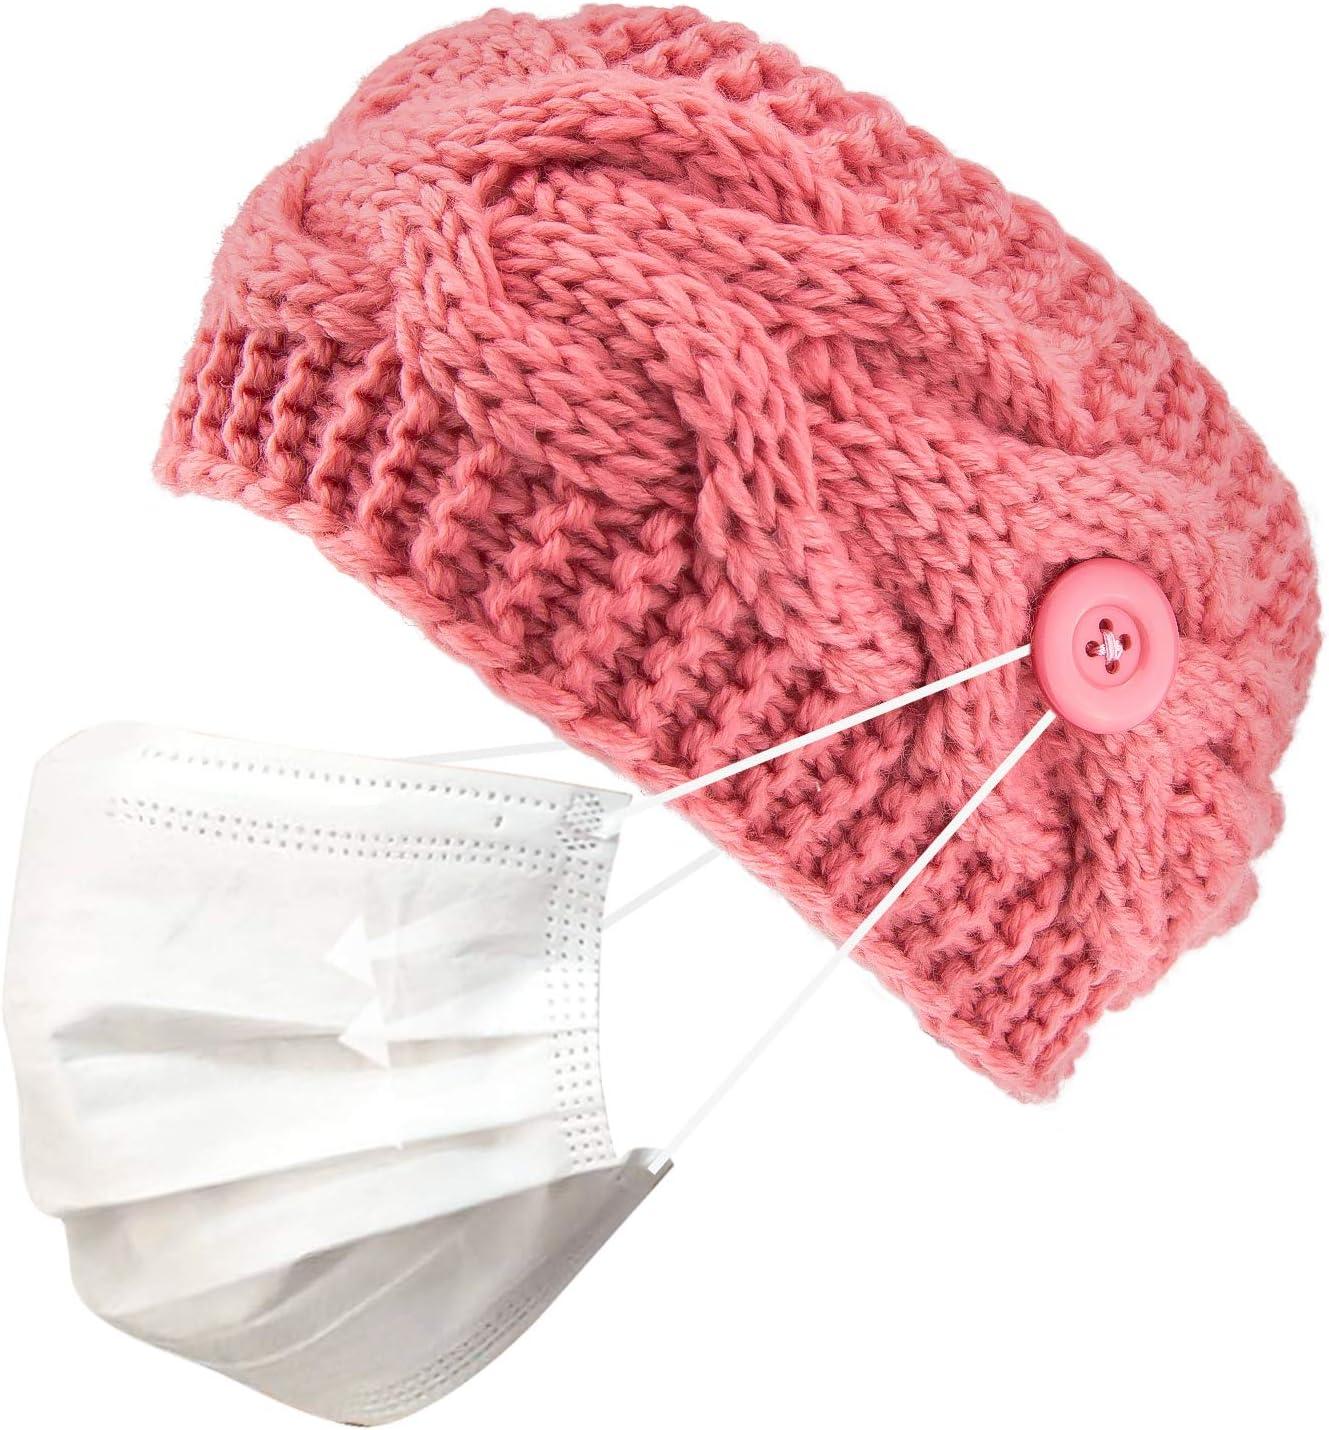 TOYMIS Warm Winter Button Headband for Mask Women Yarn Crochet Knit Turban Ear Warmer Head Wrap Gift (Pink)